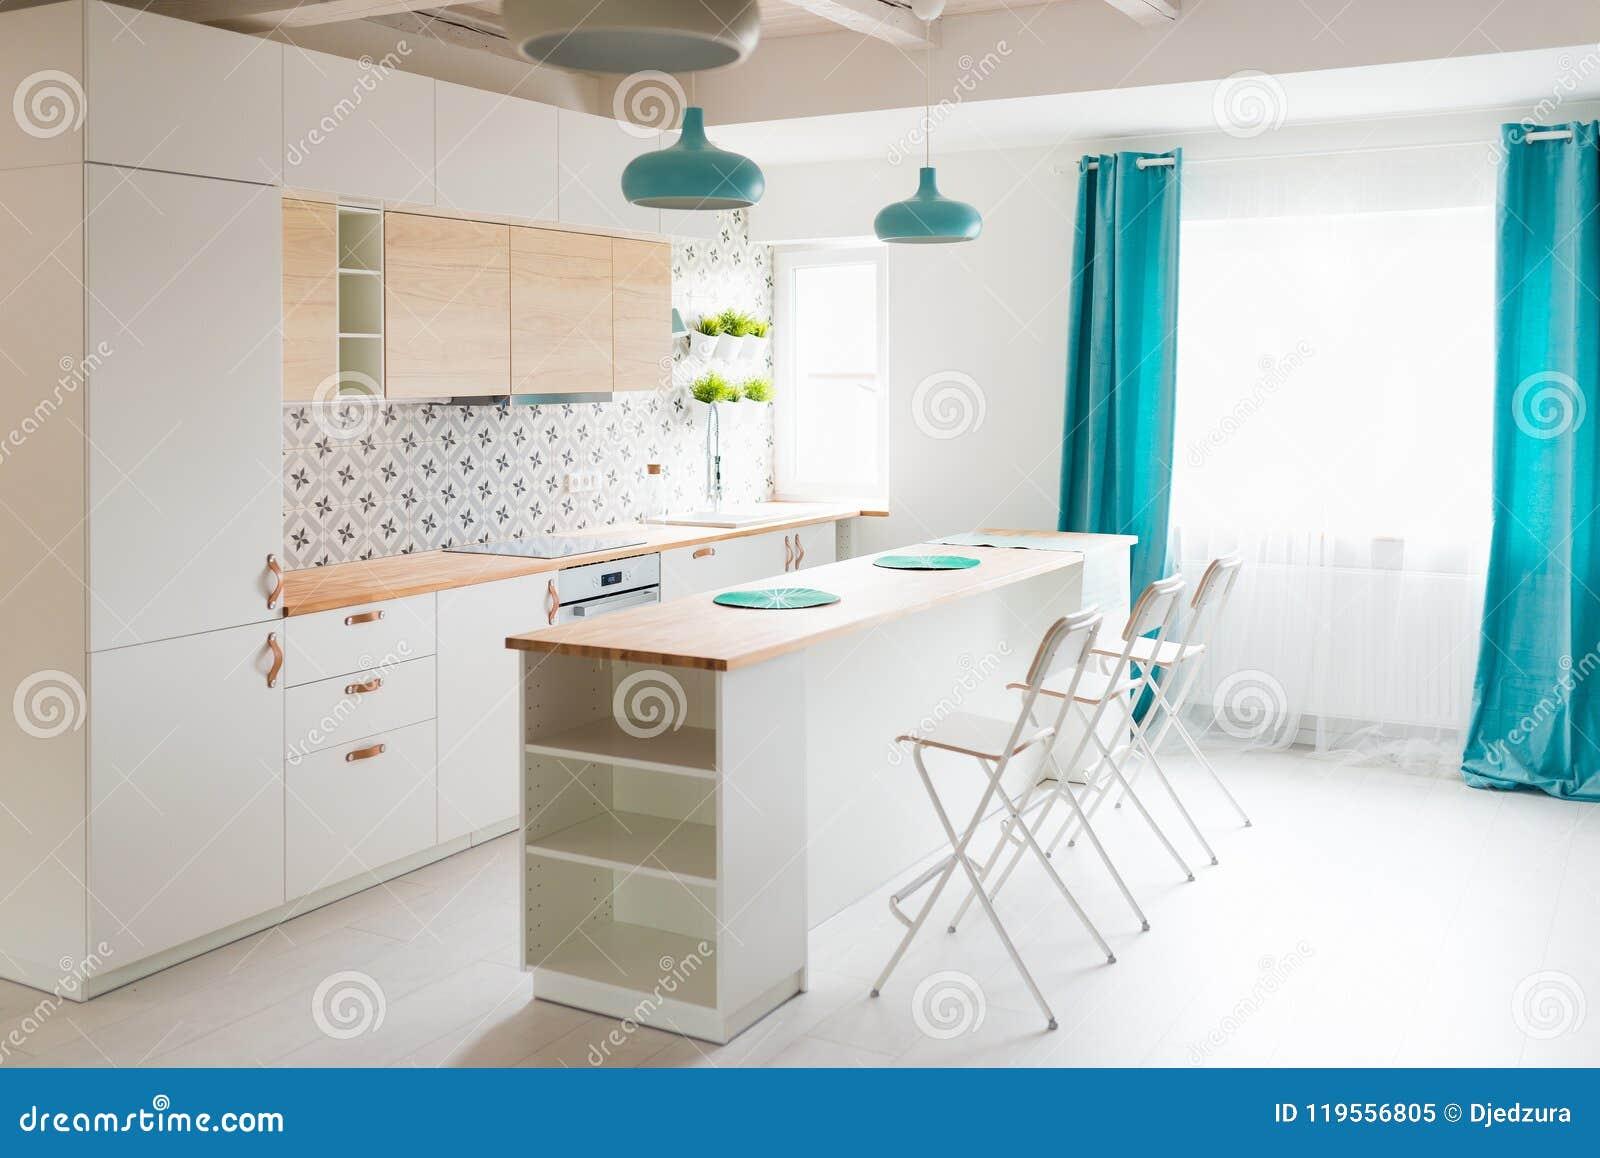 Moderne Weisse Kuchenschranke Mit Induktionskochfeld Stockbild